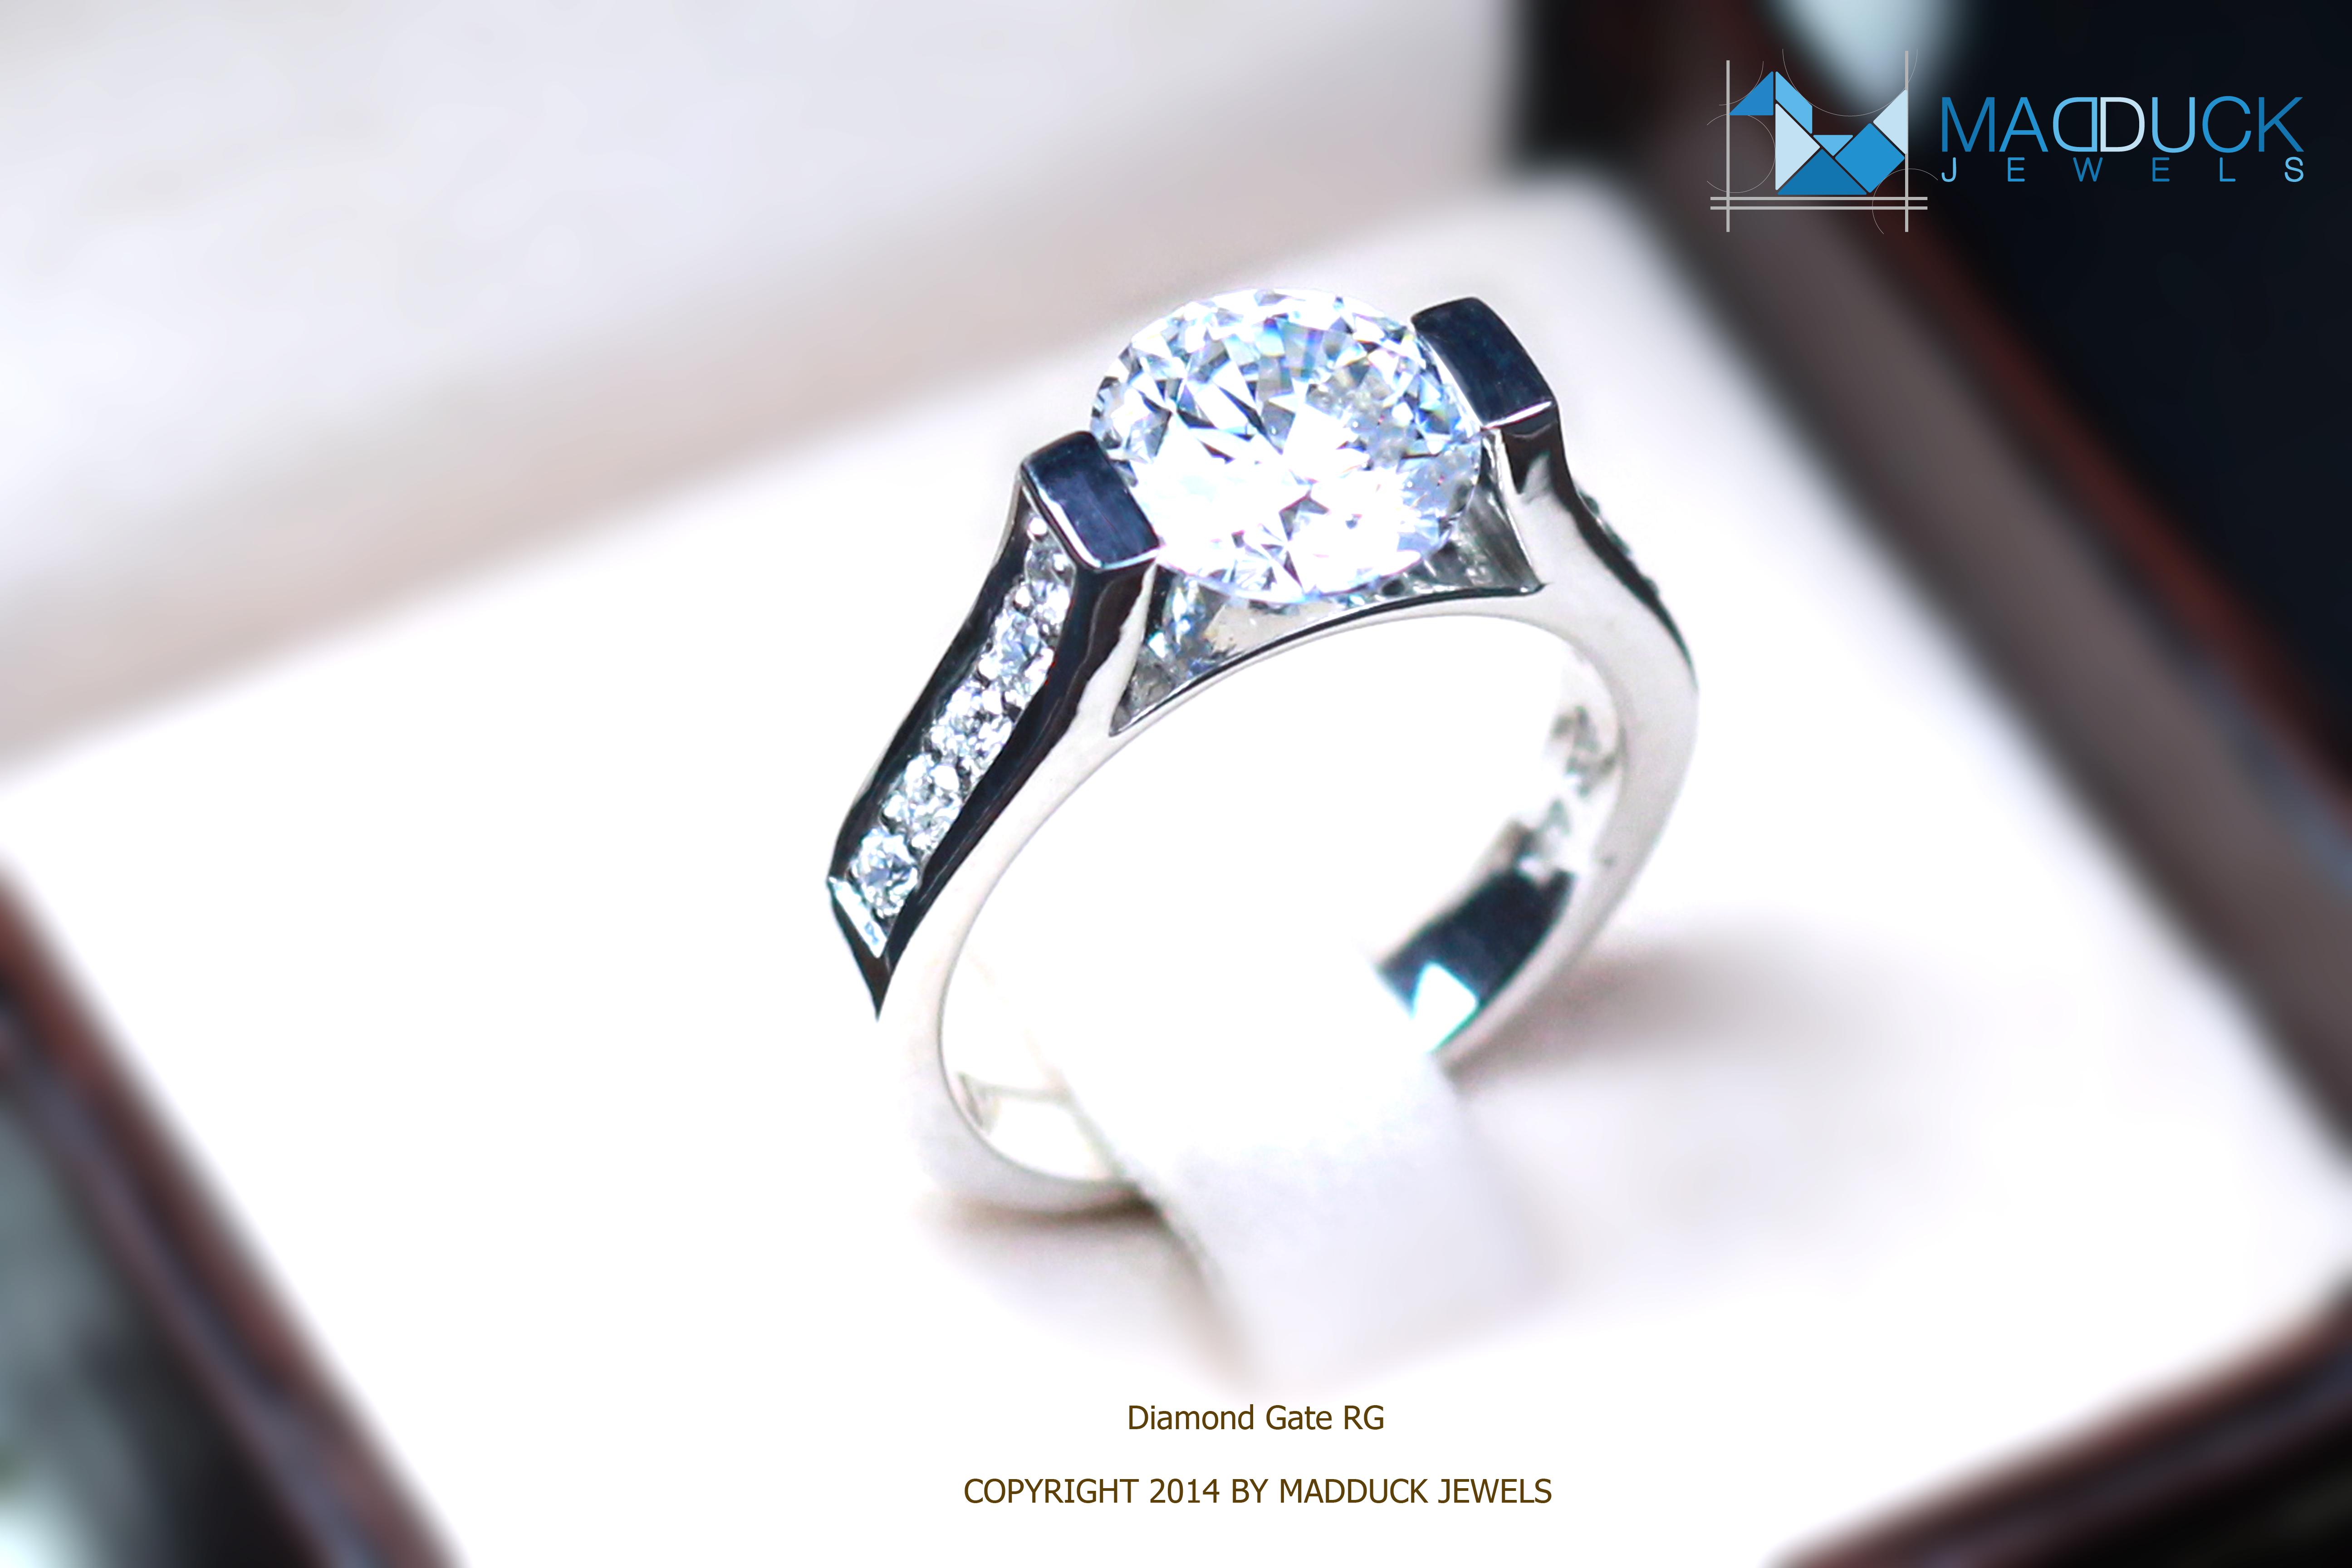 แหวนเงินแท้ เพชรสังเคราะห์ ชุบทองคำขาว รุ่น RG1476 Diamond Gate